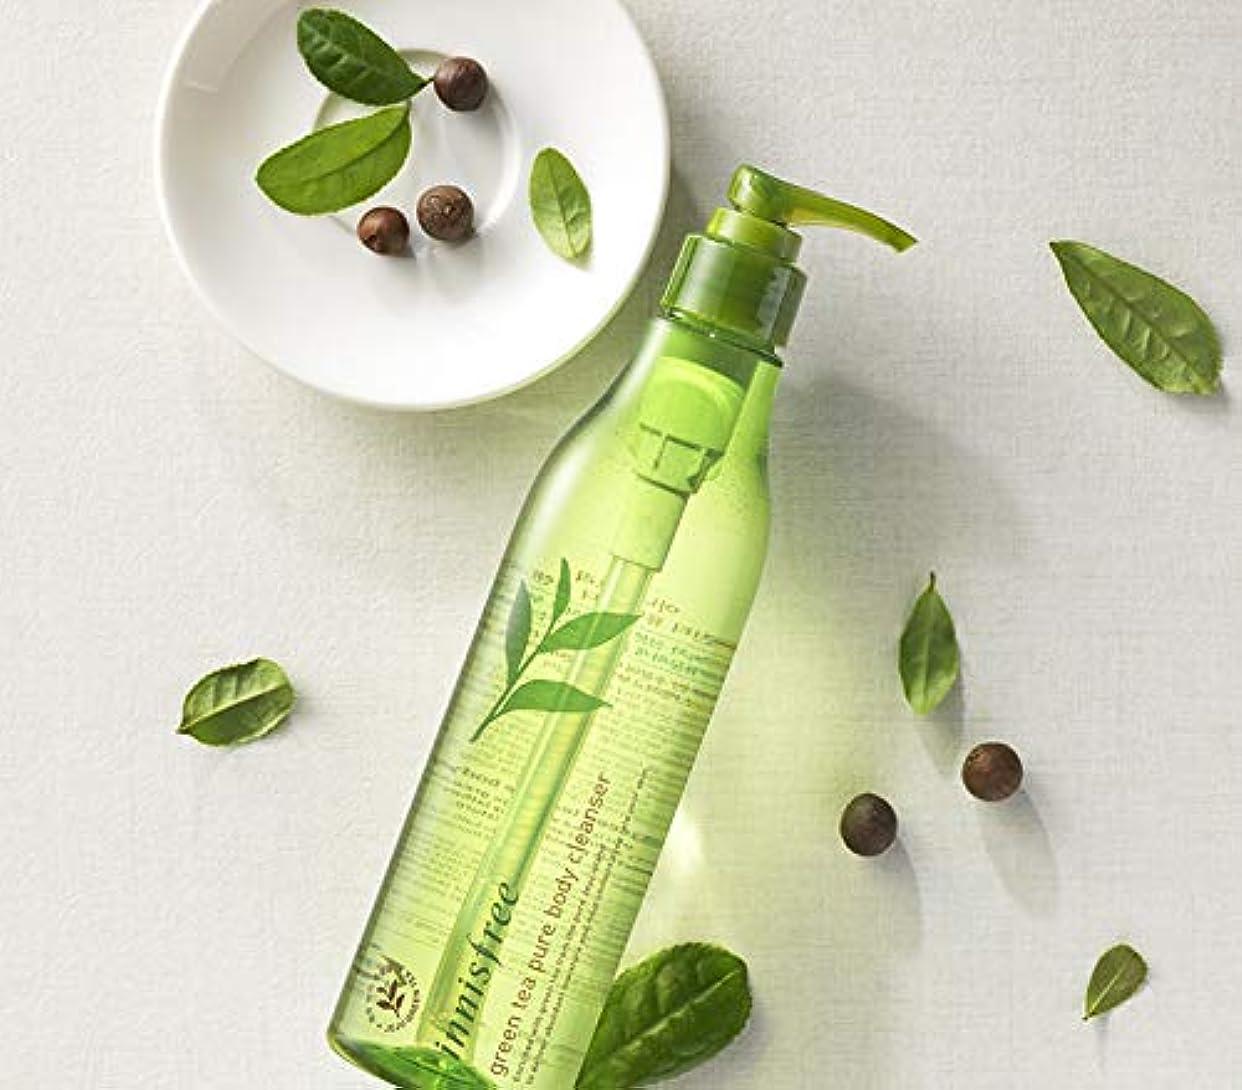 着陸みがきます小道[イニスフリー.innisfree]グリーンティーピュアボディクレンザー300mL/ Green Tea Pure Body Cleanser